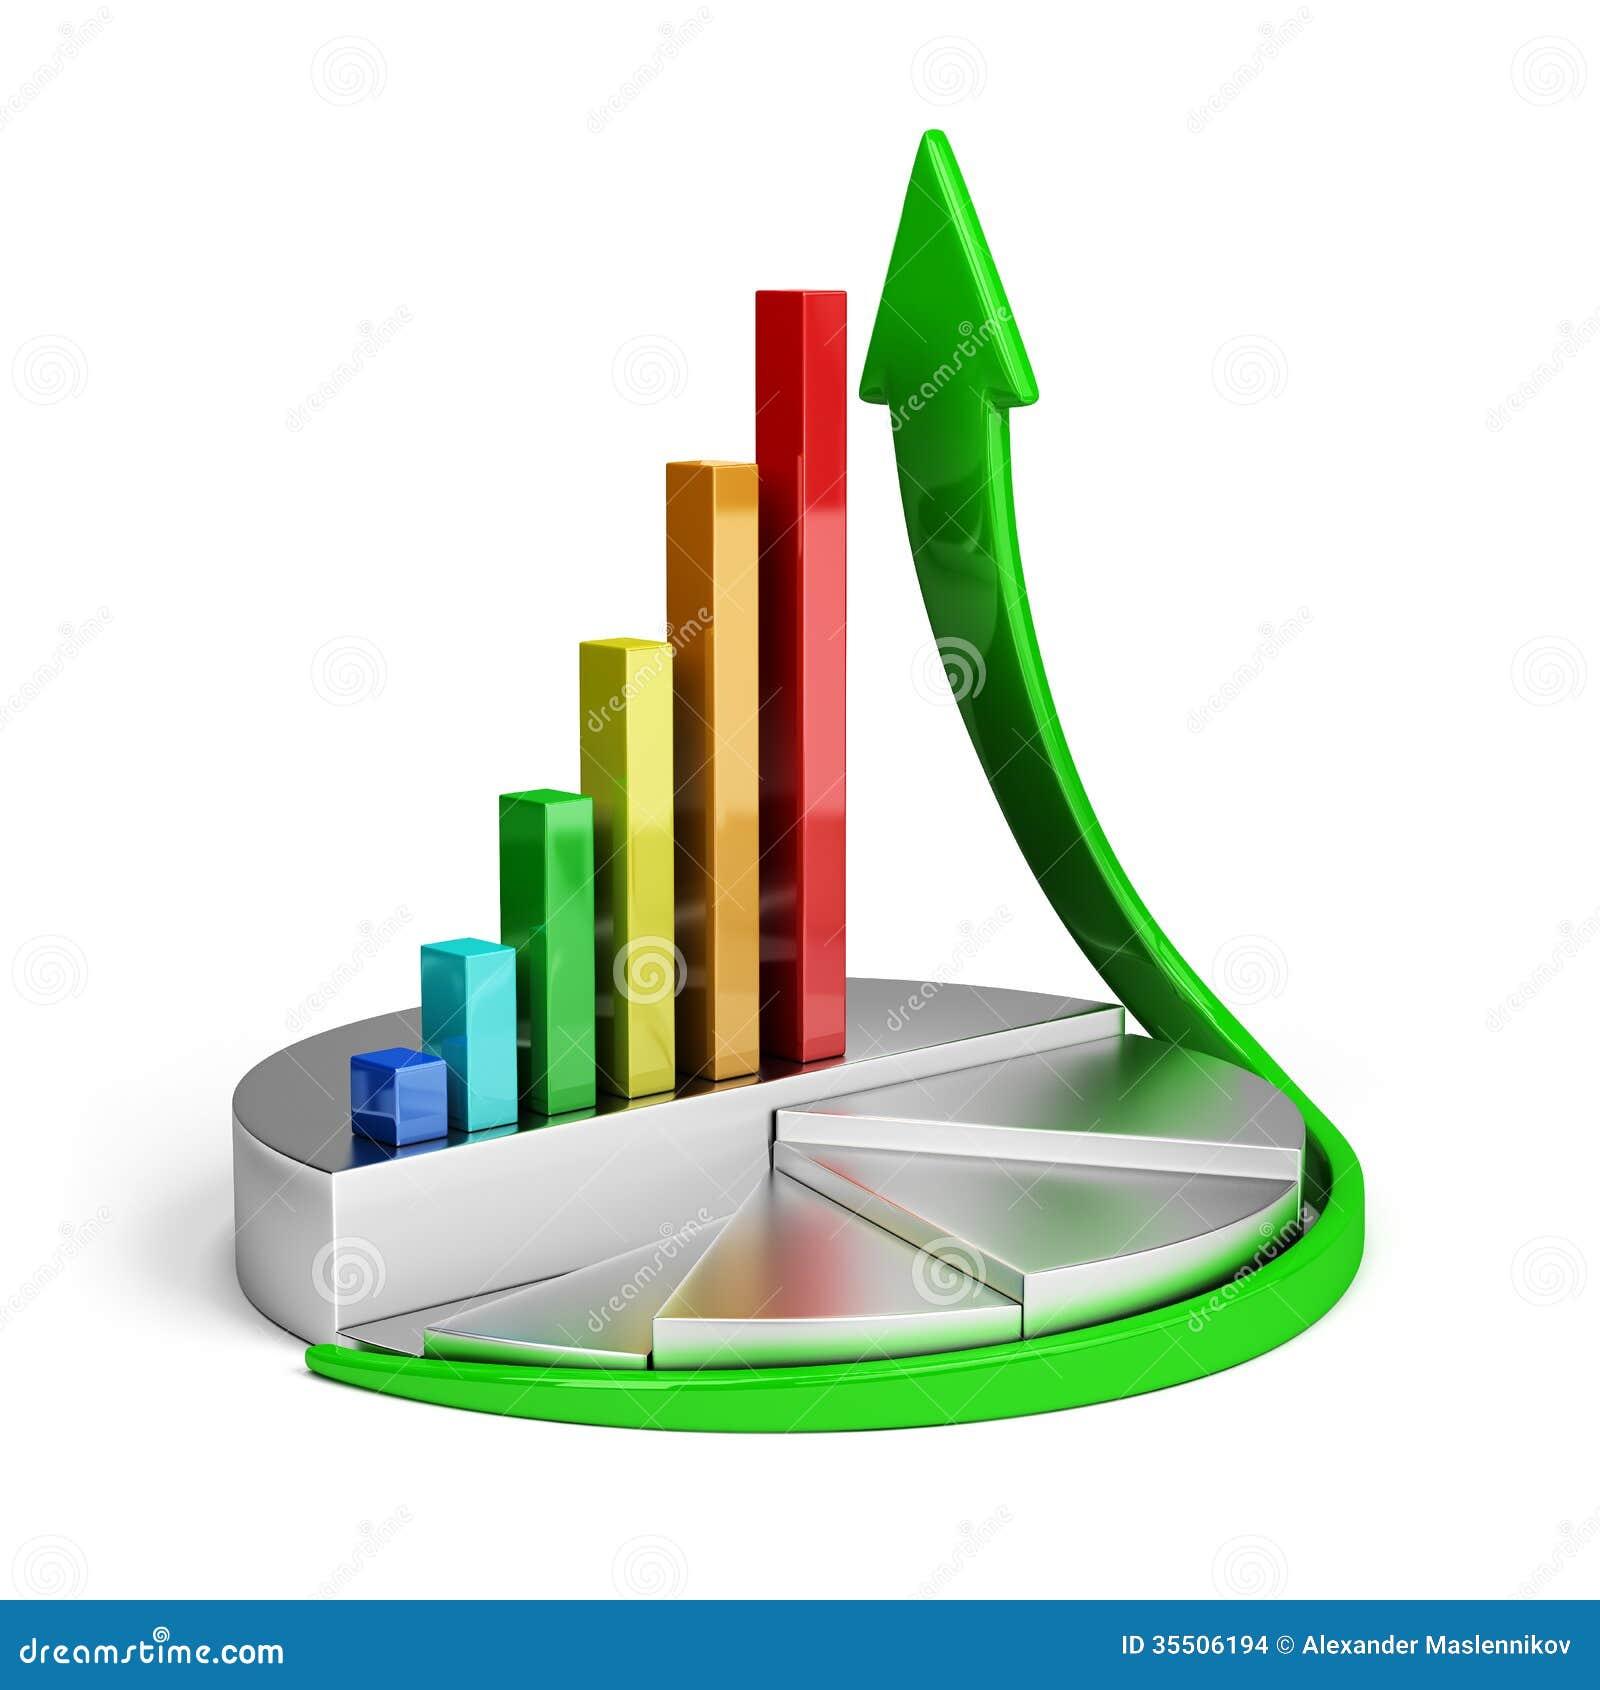 Bing Finance: Growth Dreams Website